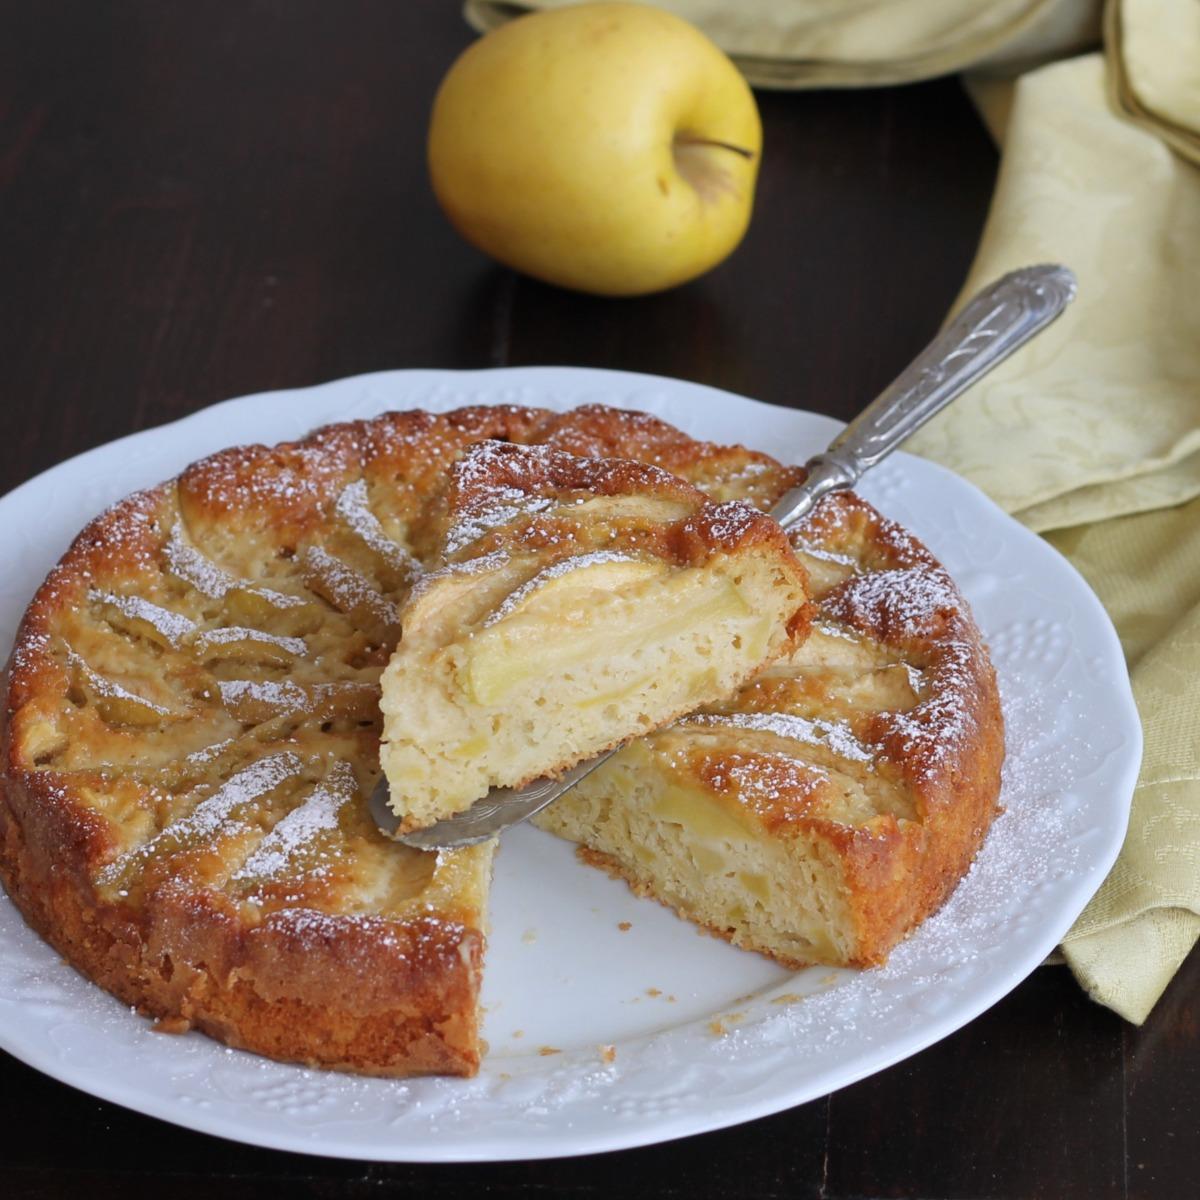 TORTA DI MELE LIGHT ricetta dolce con mele con poco olio senza burro